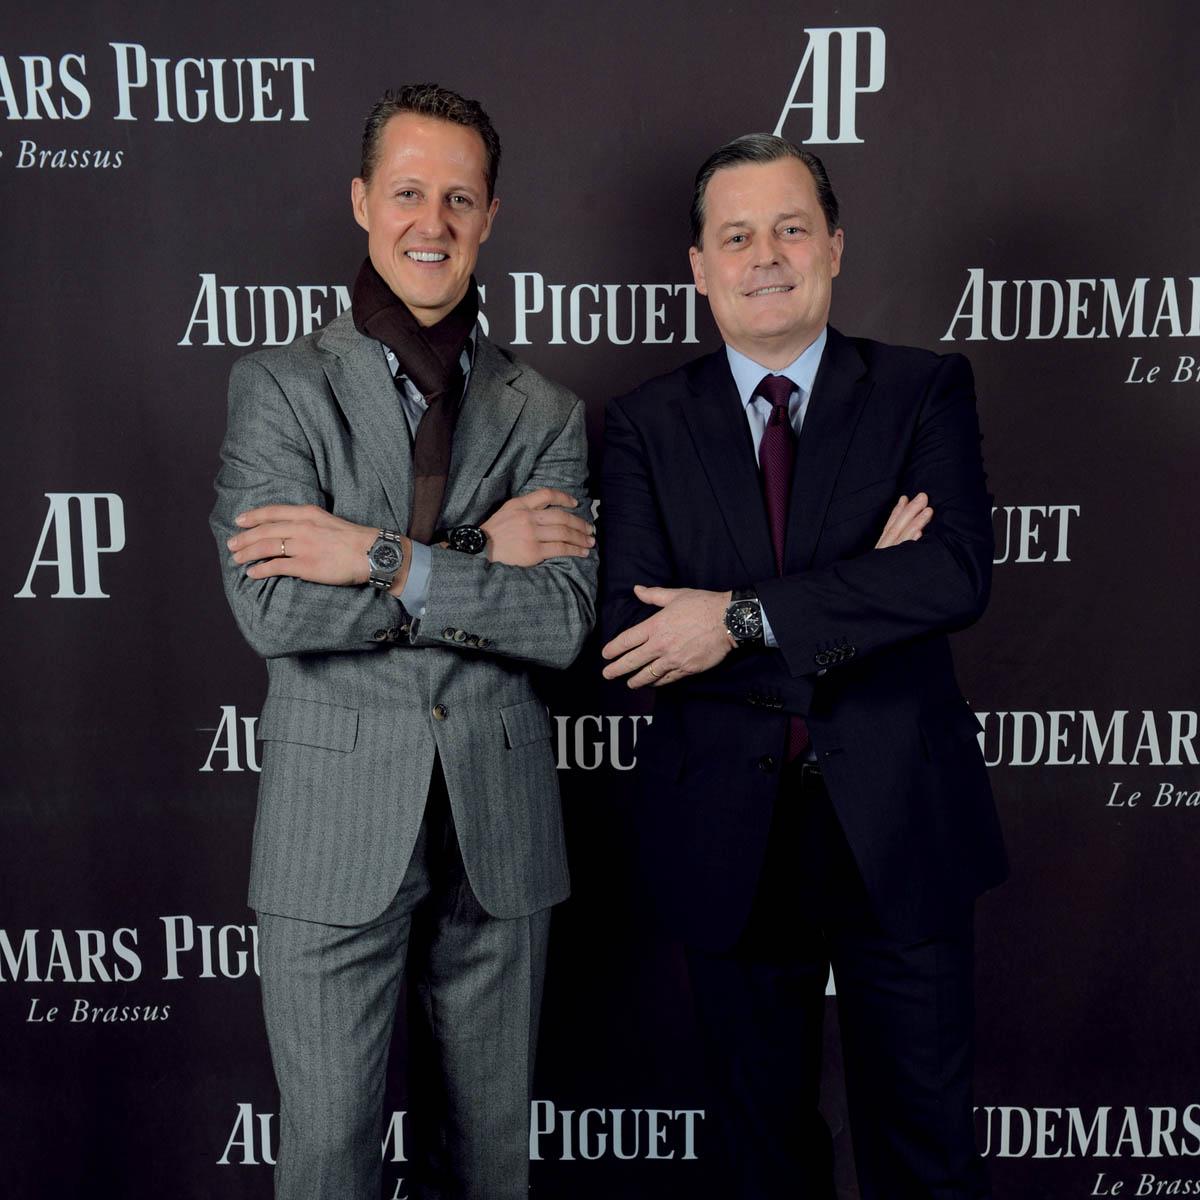 La Cote des Montres : Photo - Audemars Piguet célèbre les 40 ans de sa légendaire Royal Oak